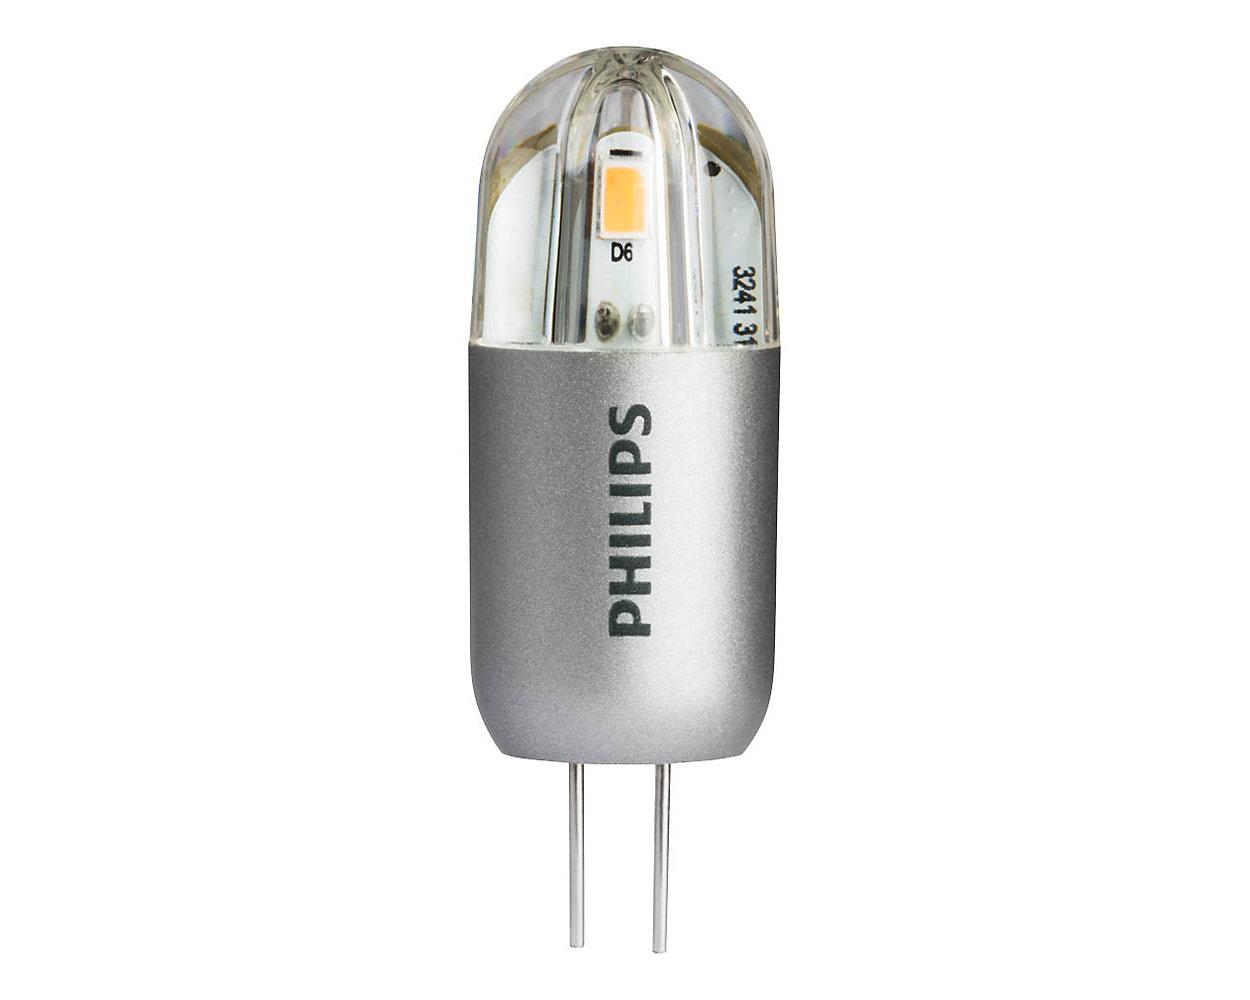 El foco LED de uso diario, para cualquier lugar en tu hogar